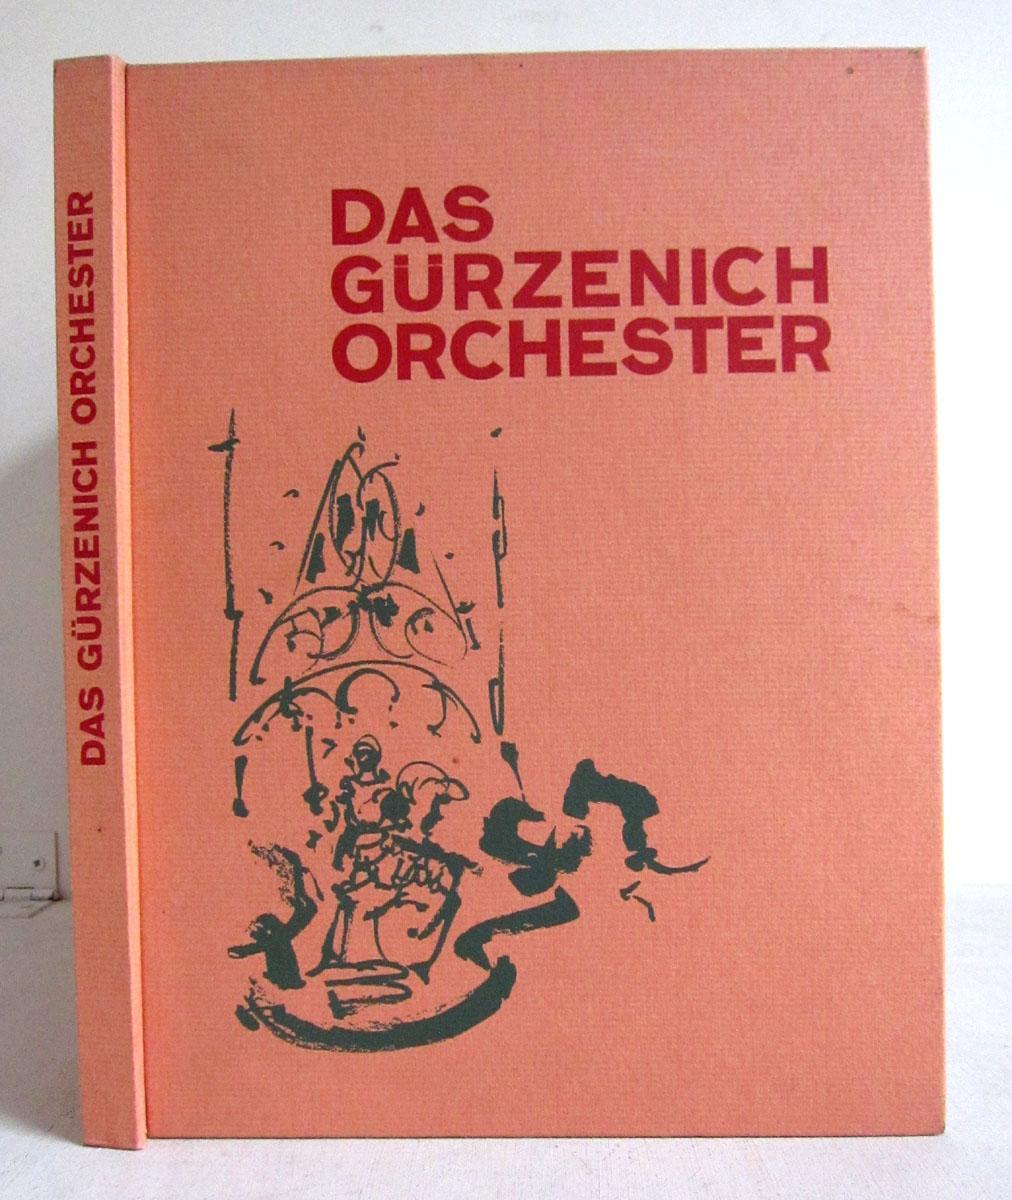 Chargesheimer - Das Gürzenich-Orchester - 75 Jahre Stadtkölnisches Orchester - Chargesheimer mit dem Gürzenichorchester - 28 ganzs. s/w Tafeln etc.